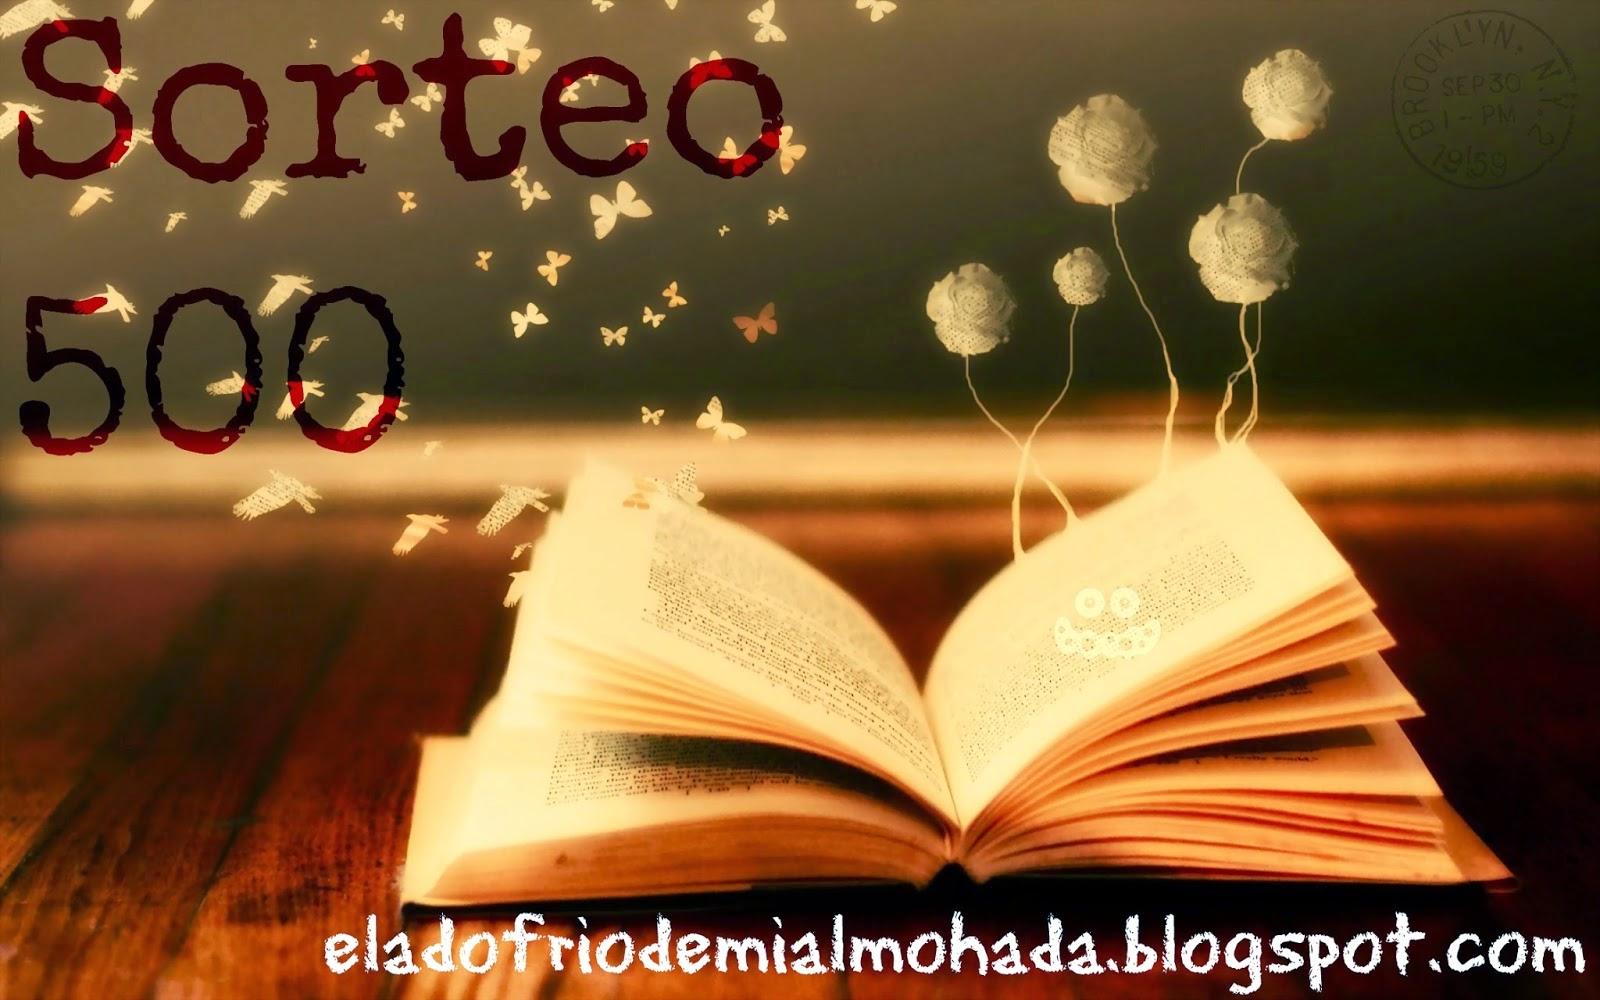 http://eladofriodemialmohada.blogspot.com.es/2014/05/sorteo-500_20.html